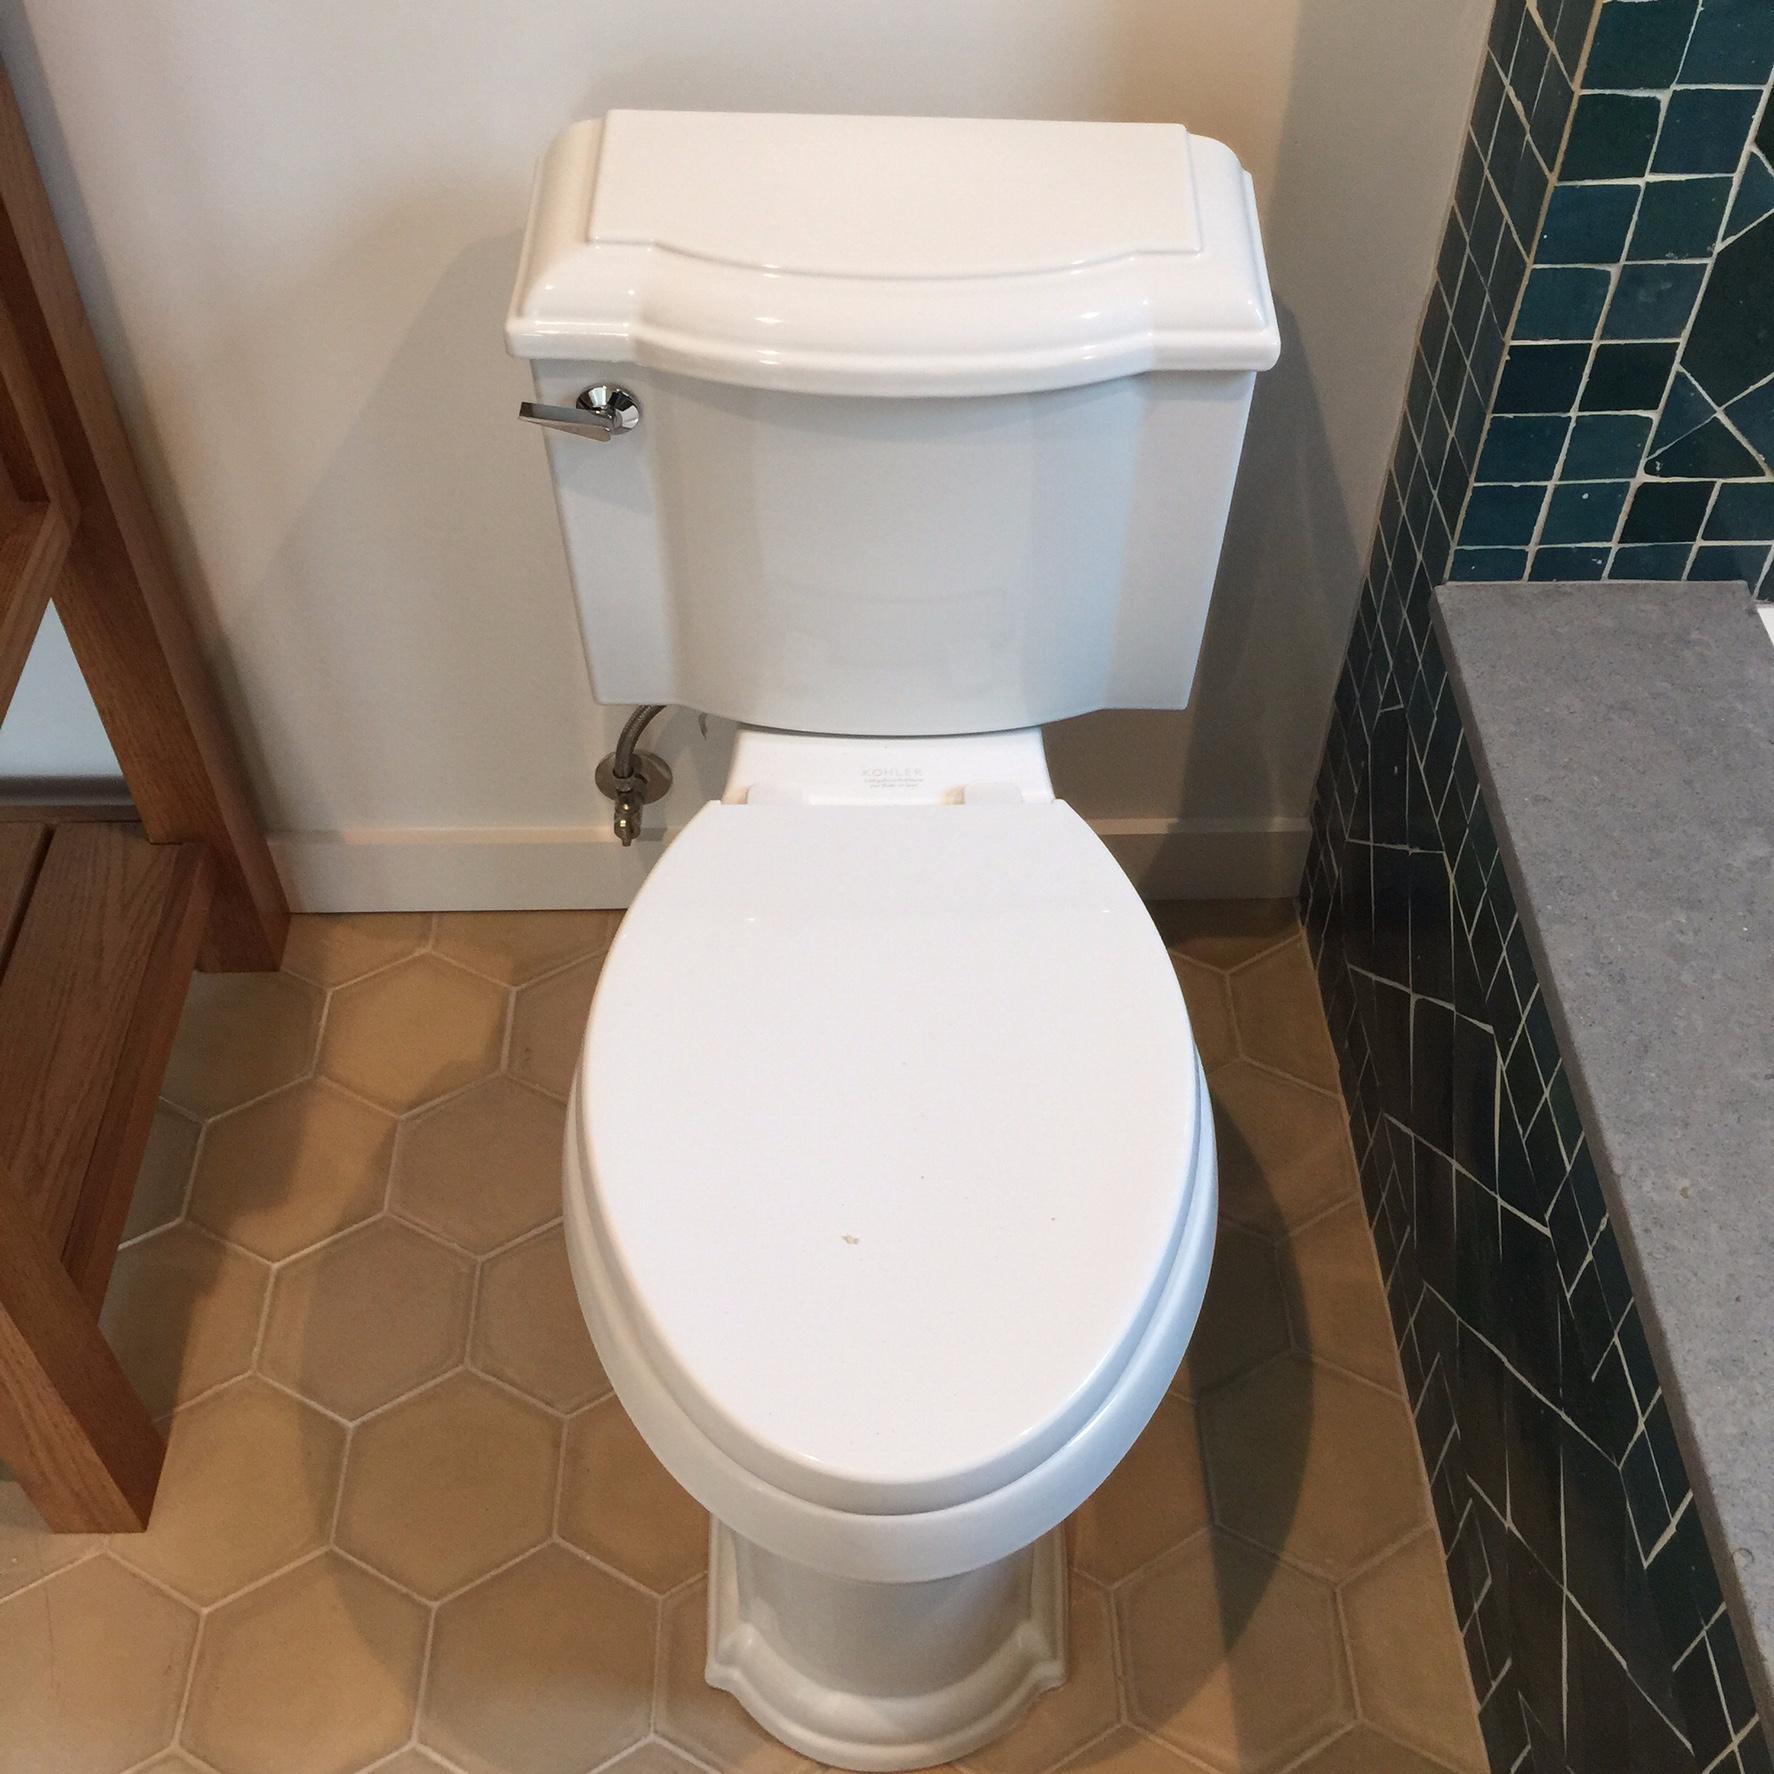 S toilet